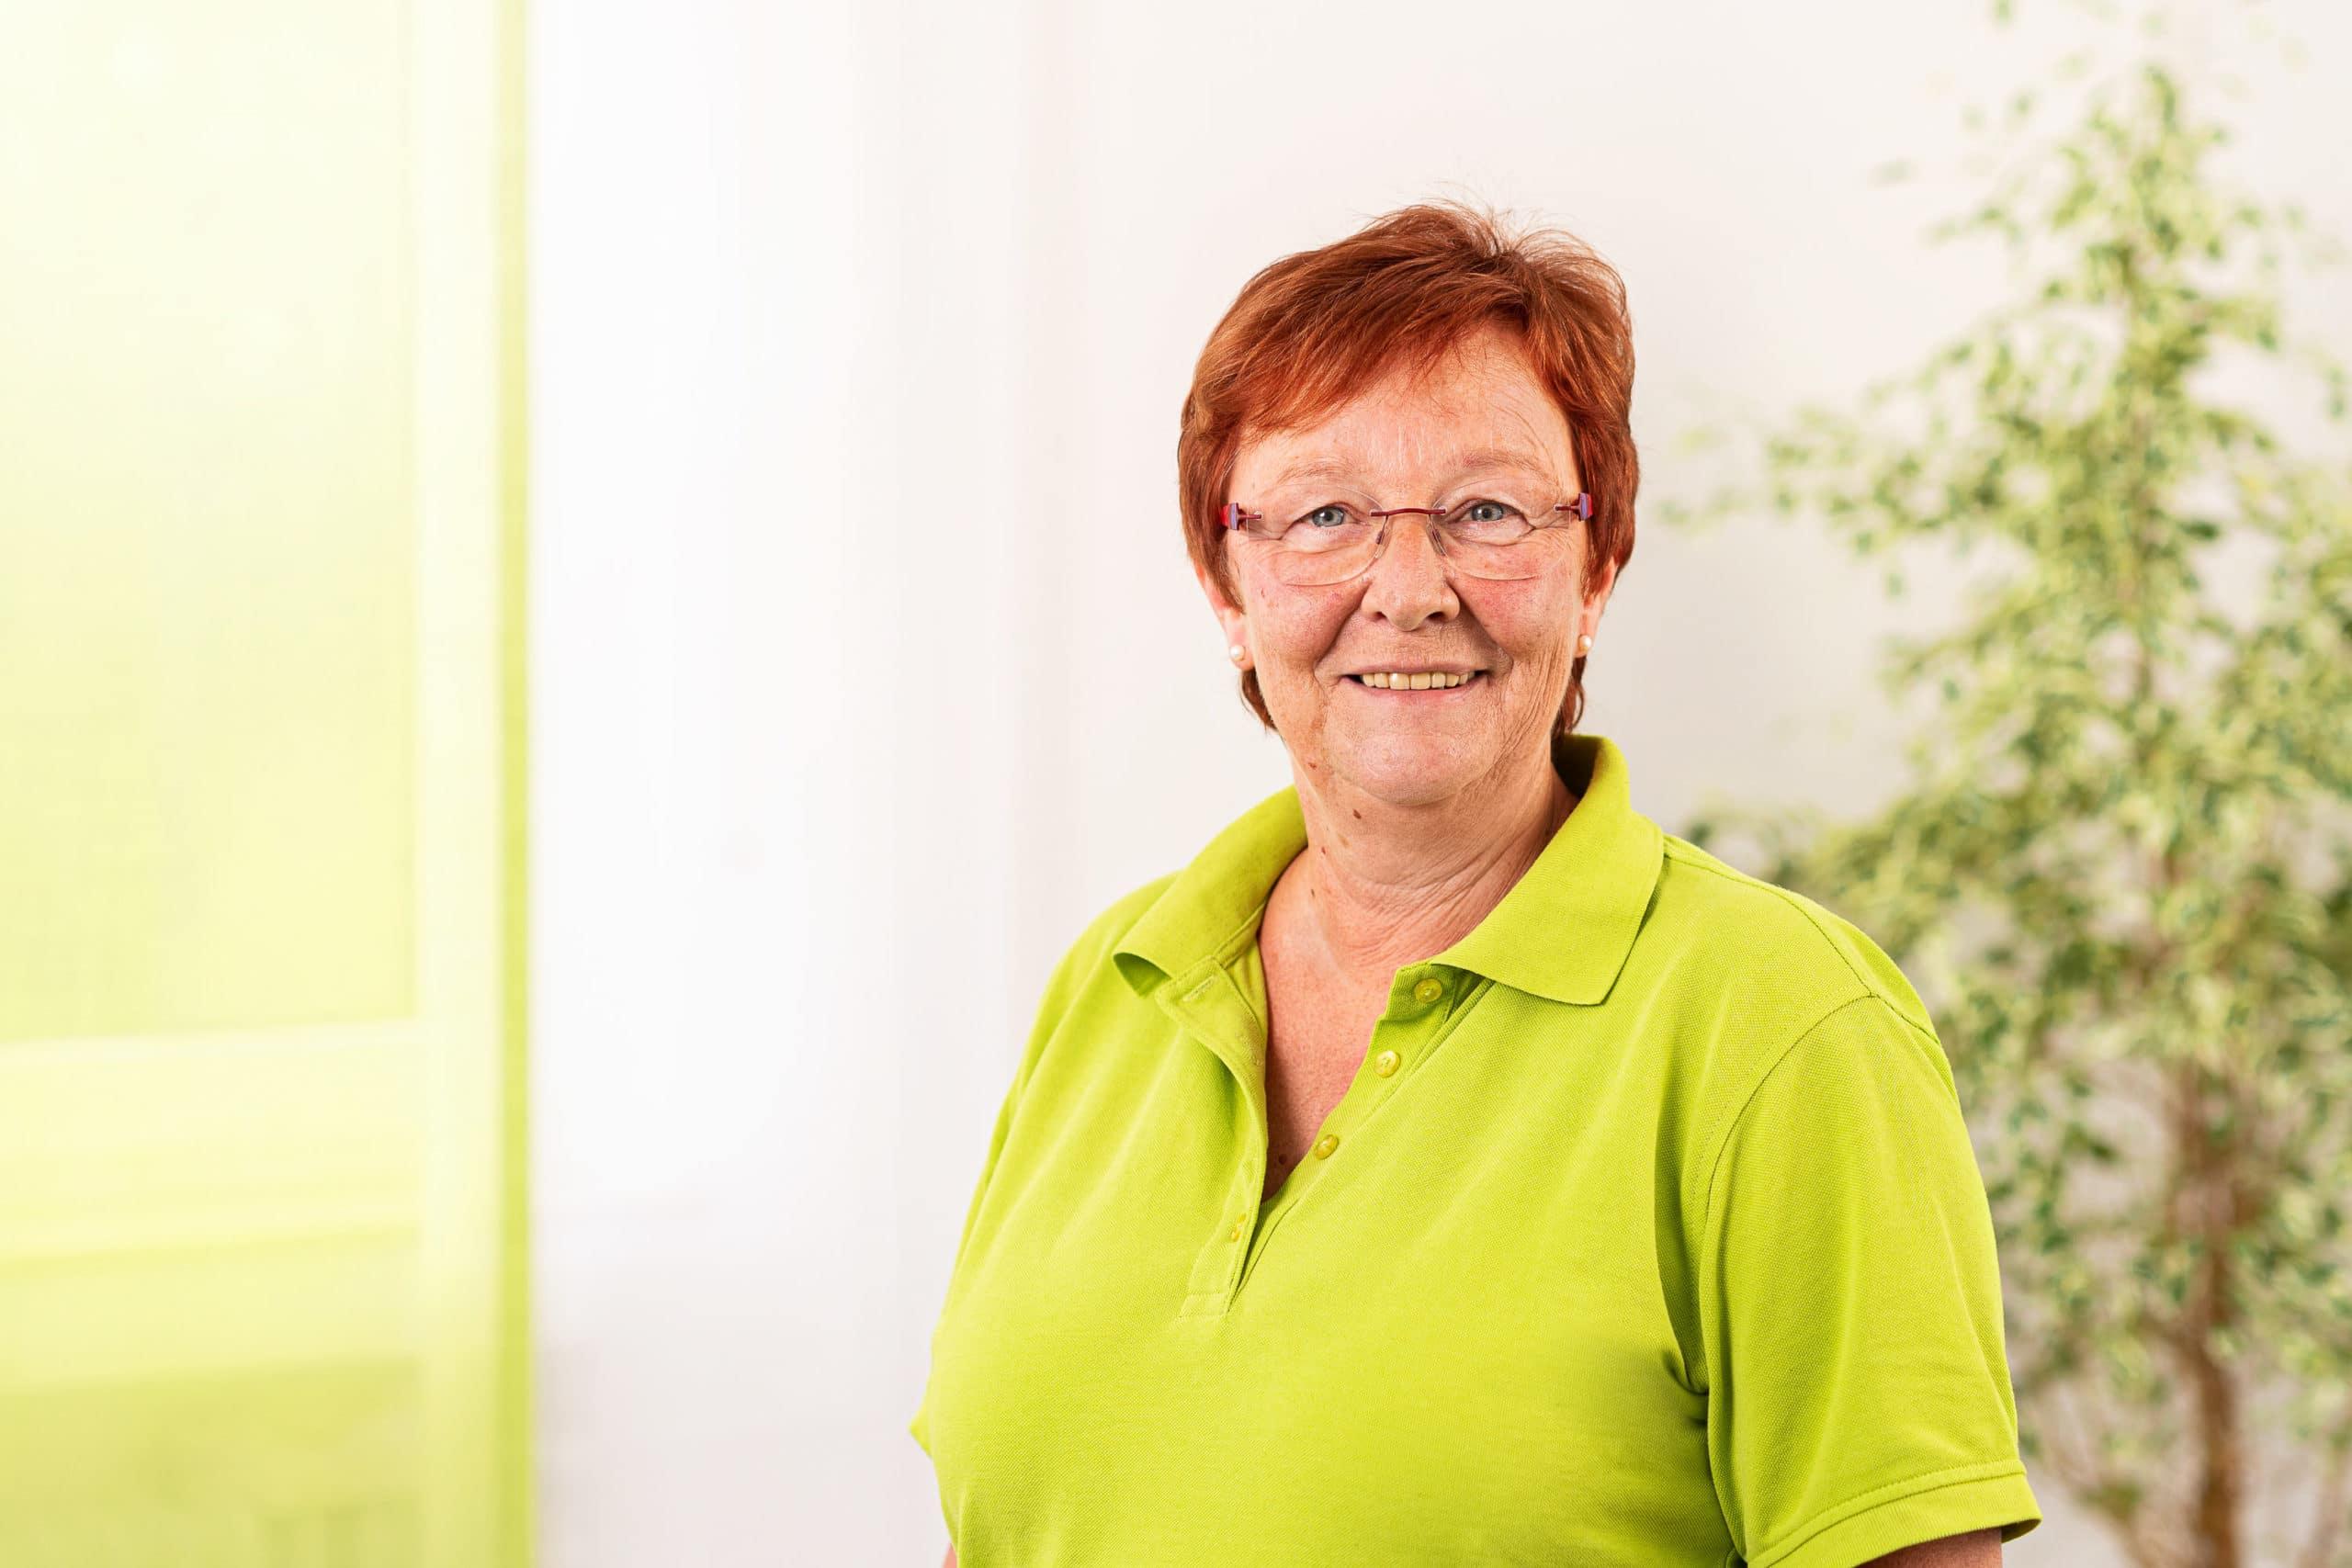 Freundliches Mitarbeiterfoto einer Angestellten eines Arztpraxis |Businessfotograf in der Region Osnabrück Münster Bielefeld für Mitarbeiterfotografie